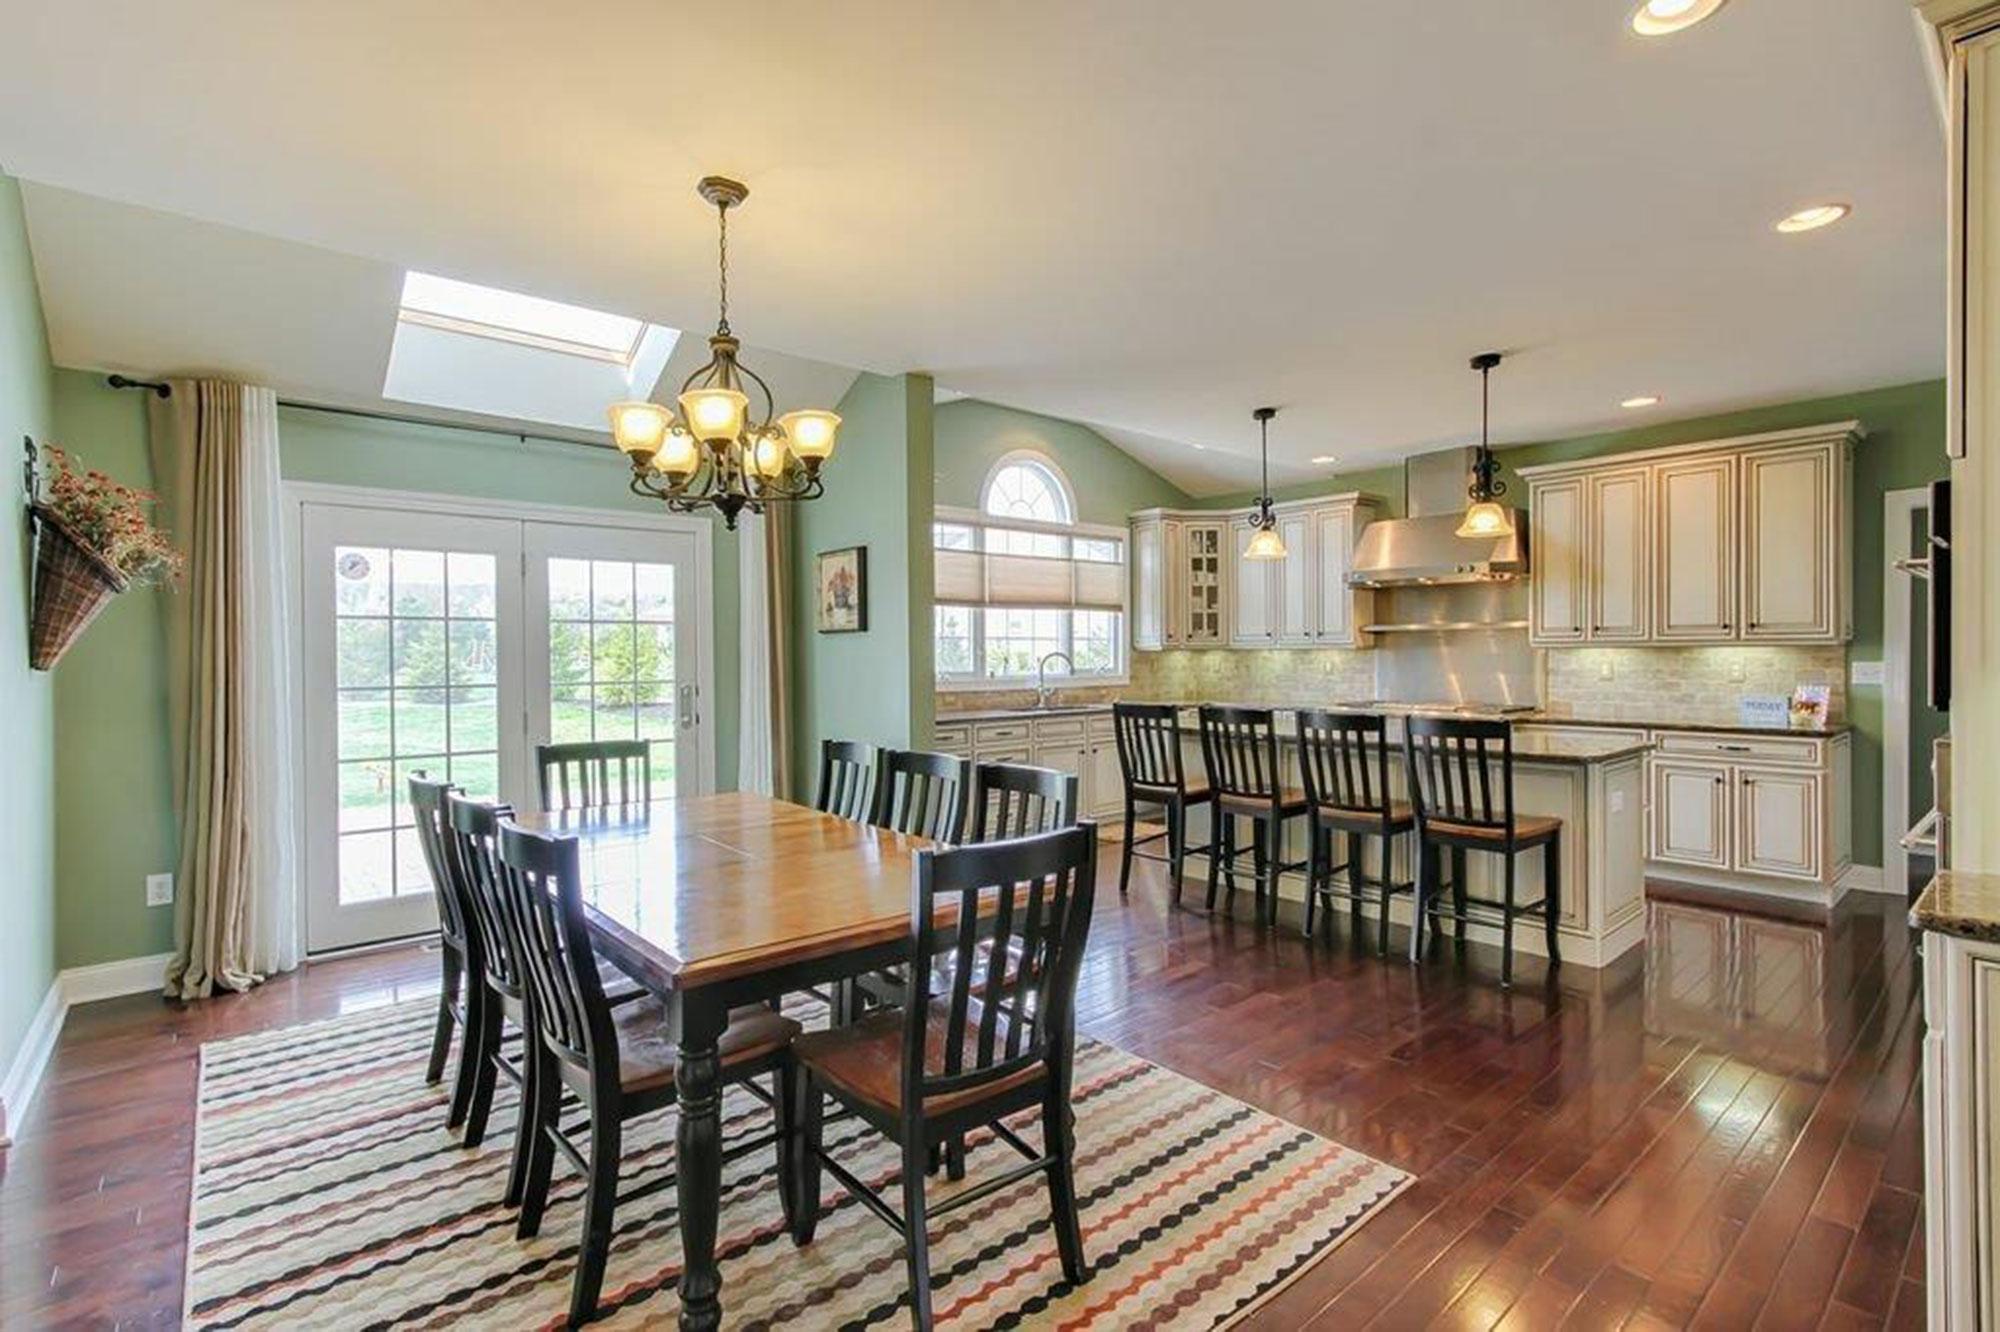 homes for sale in Denville, NJ